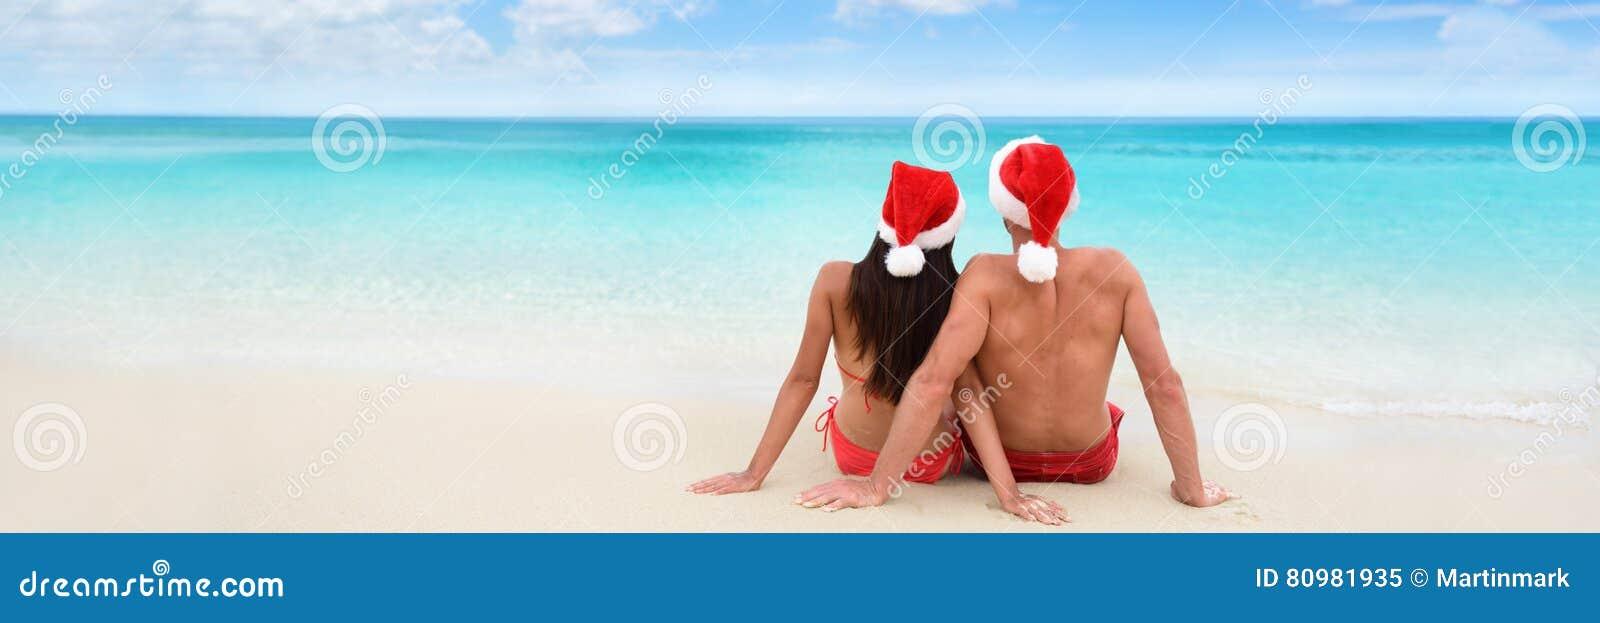 圣诞节海滩假期假日夫妇横幅